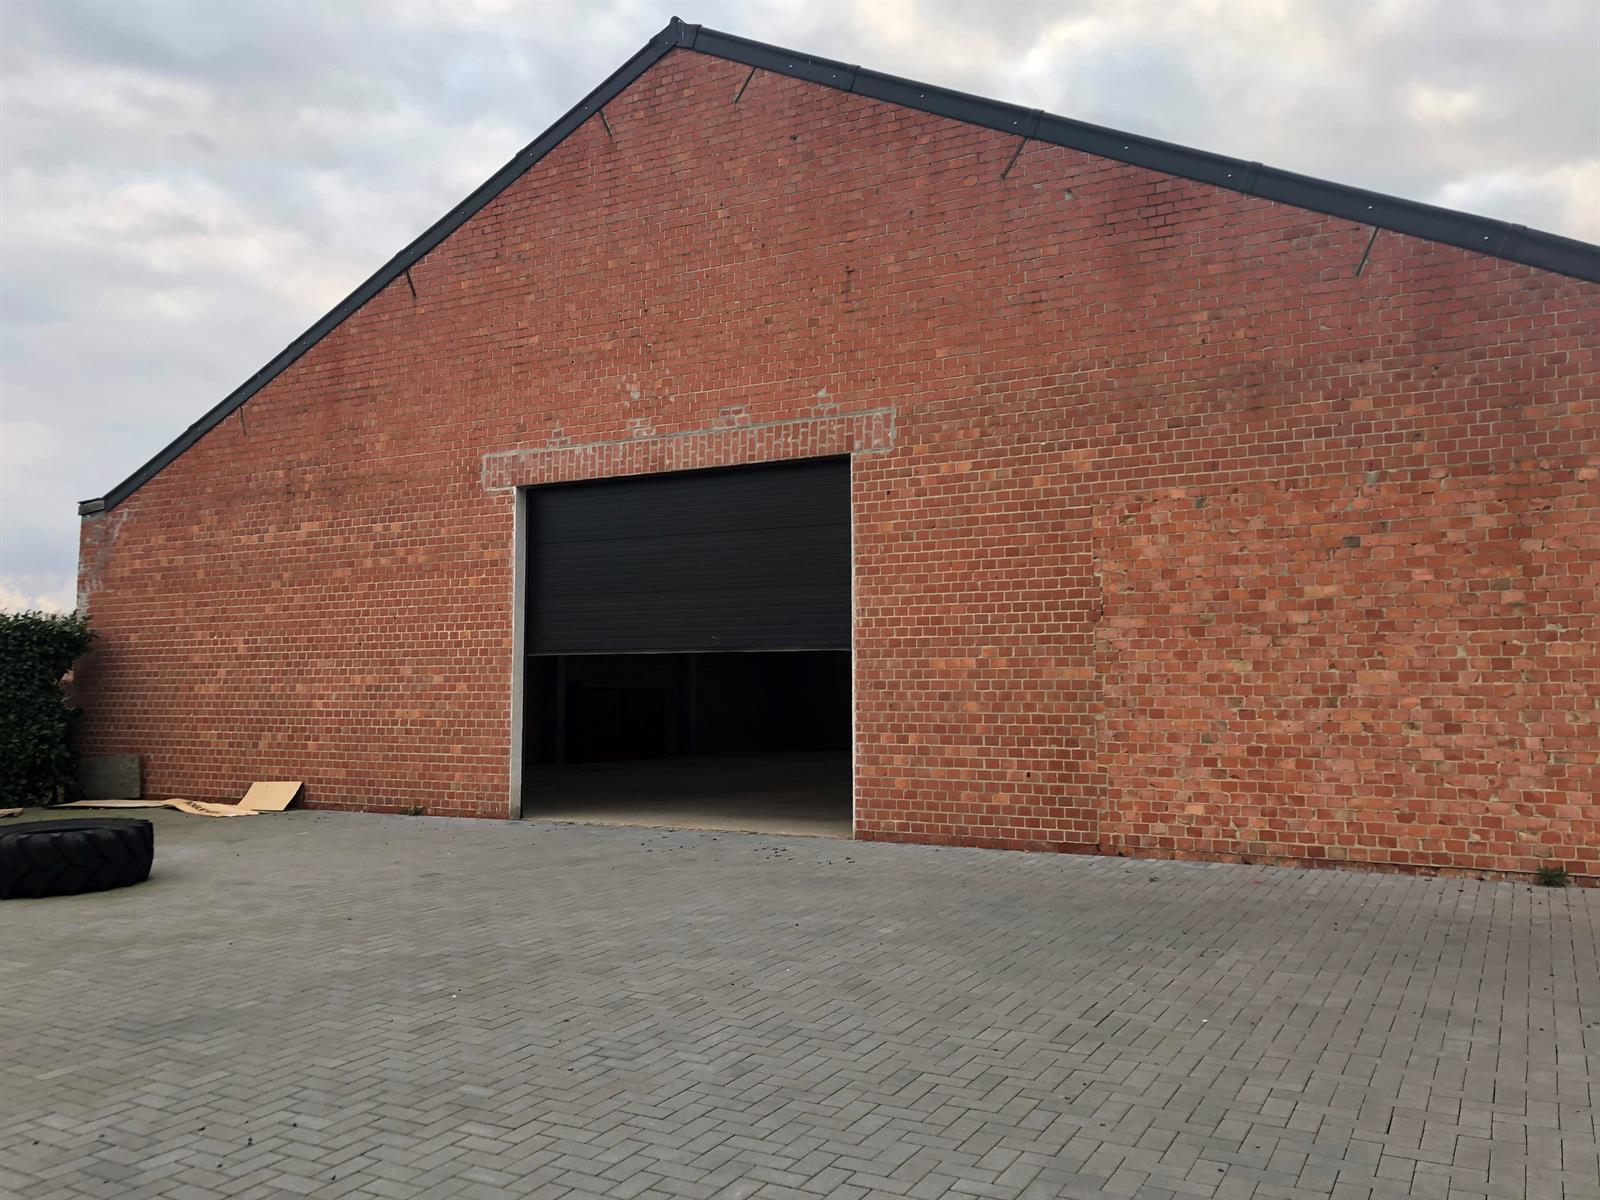 opslagplaats te huur I114 -2 - 9160 Lokeren, België 1